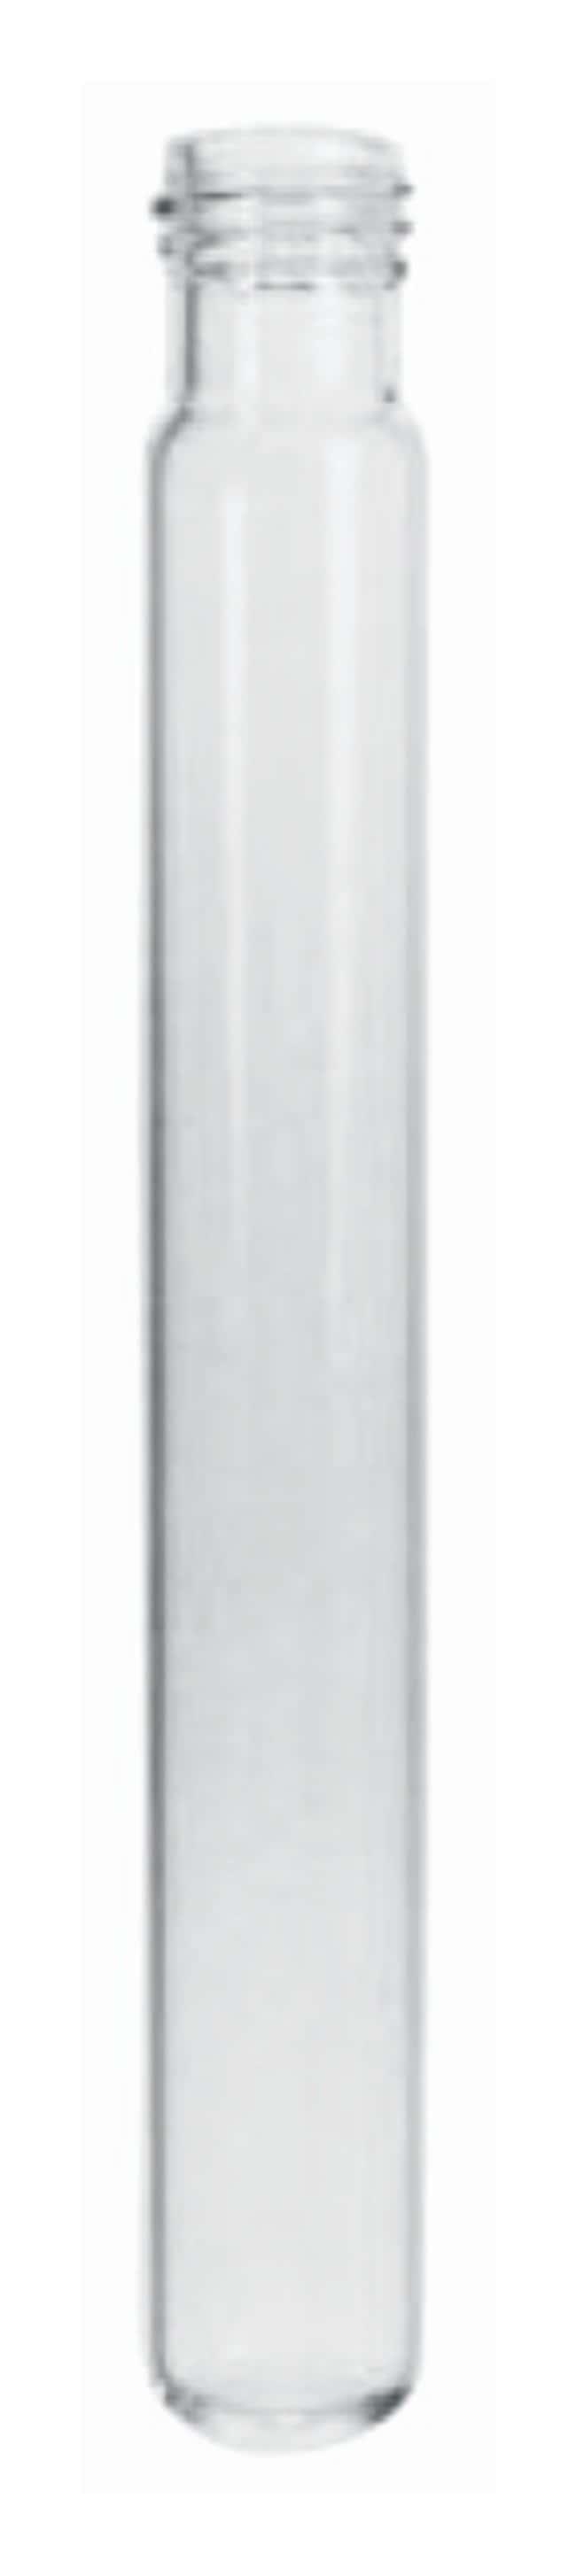 Fisherbrand™Einweg-Röhrchen aus Borosilikatglas mit Gewinde Without marking spot; O.D. x L: 13 x 100mm Fisherbrand™Einweg-Röhrchen aus Borosilikatglas mit Gewinde